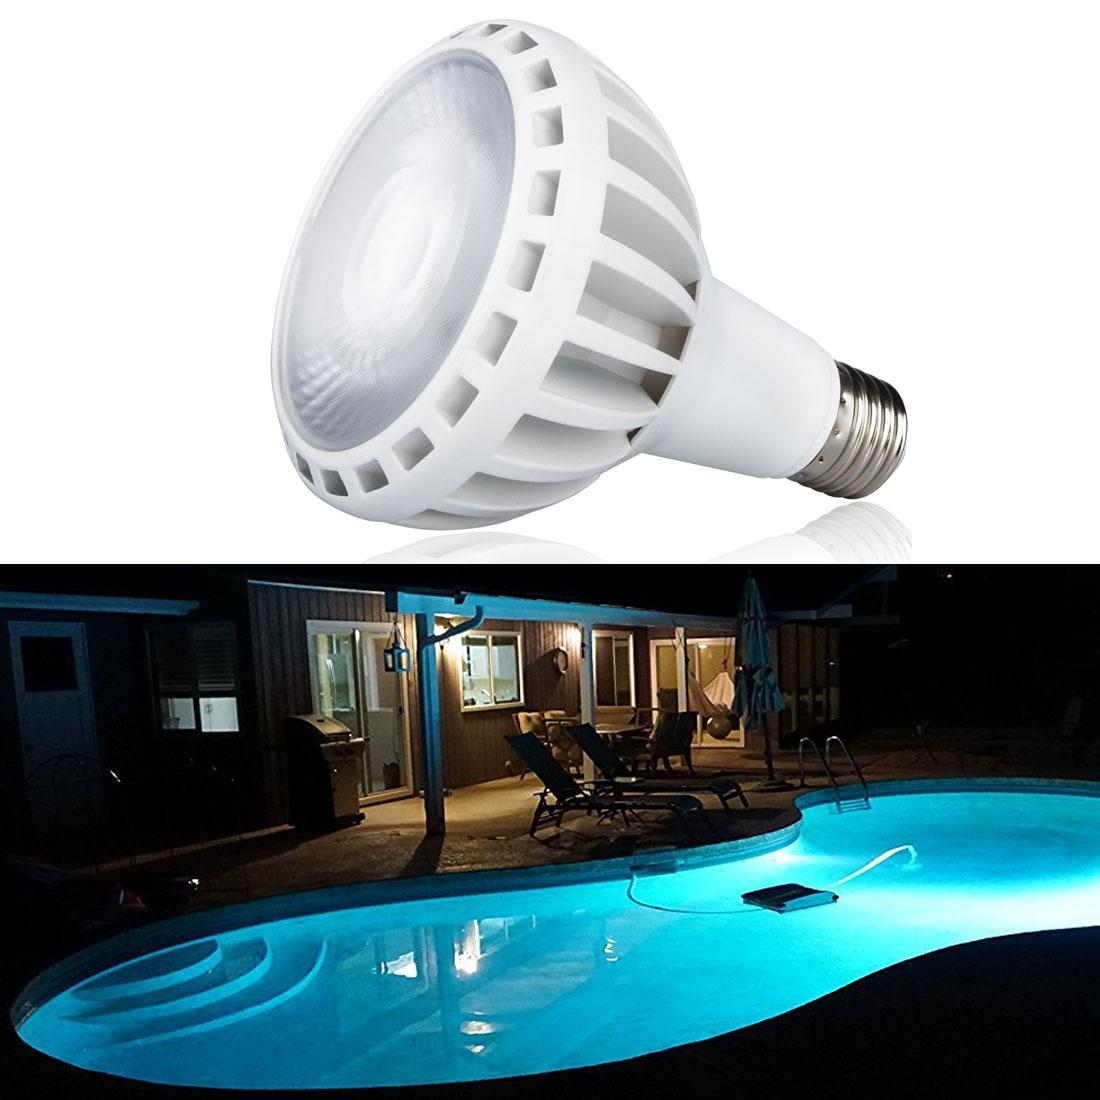 120V 45W E26 Base Swimming Pool Light Led Bulb Underwater For Pentair Hayward #y